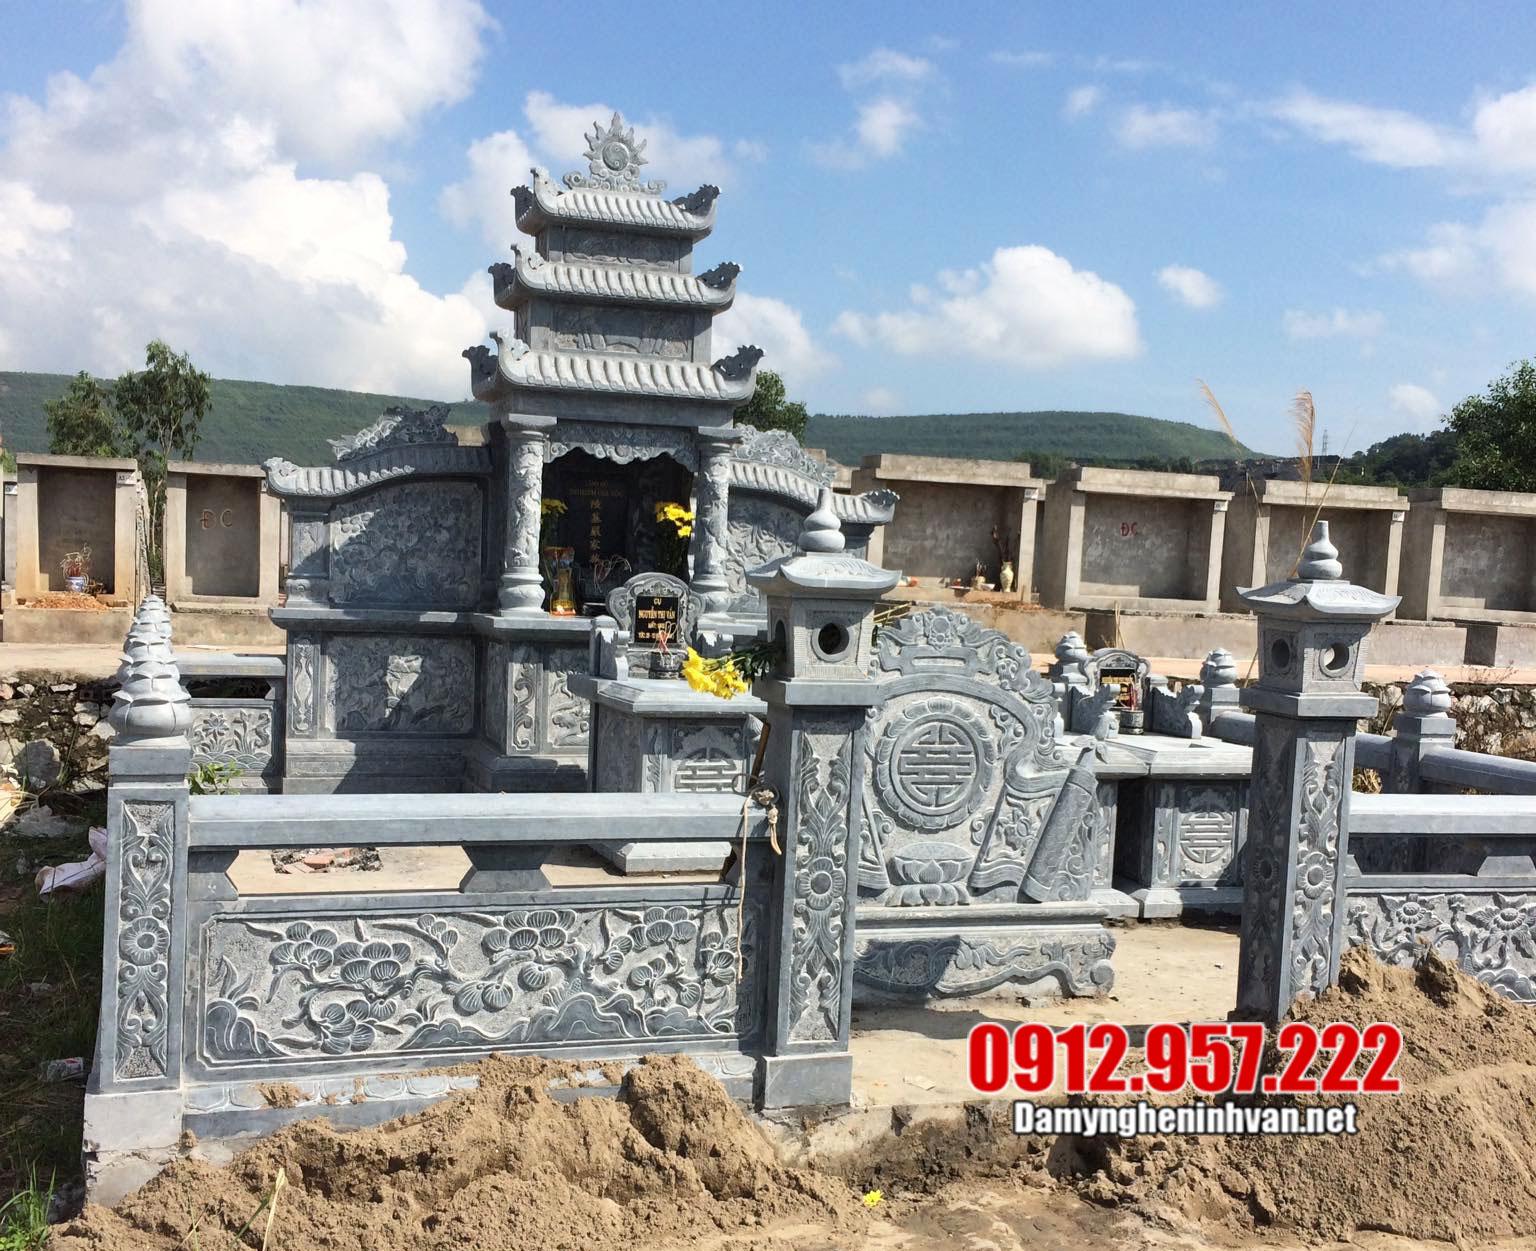 Thiết kế khu lăng mộ đẹp ở Đắk Nông